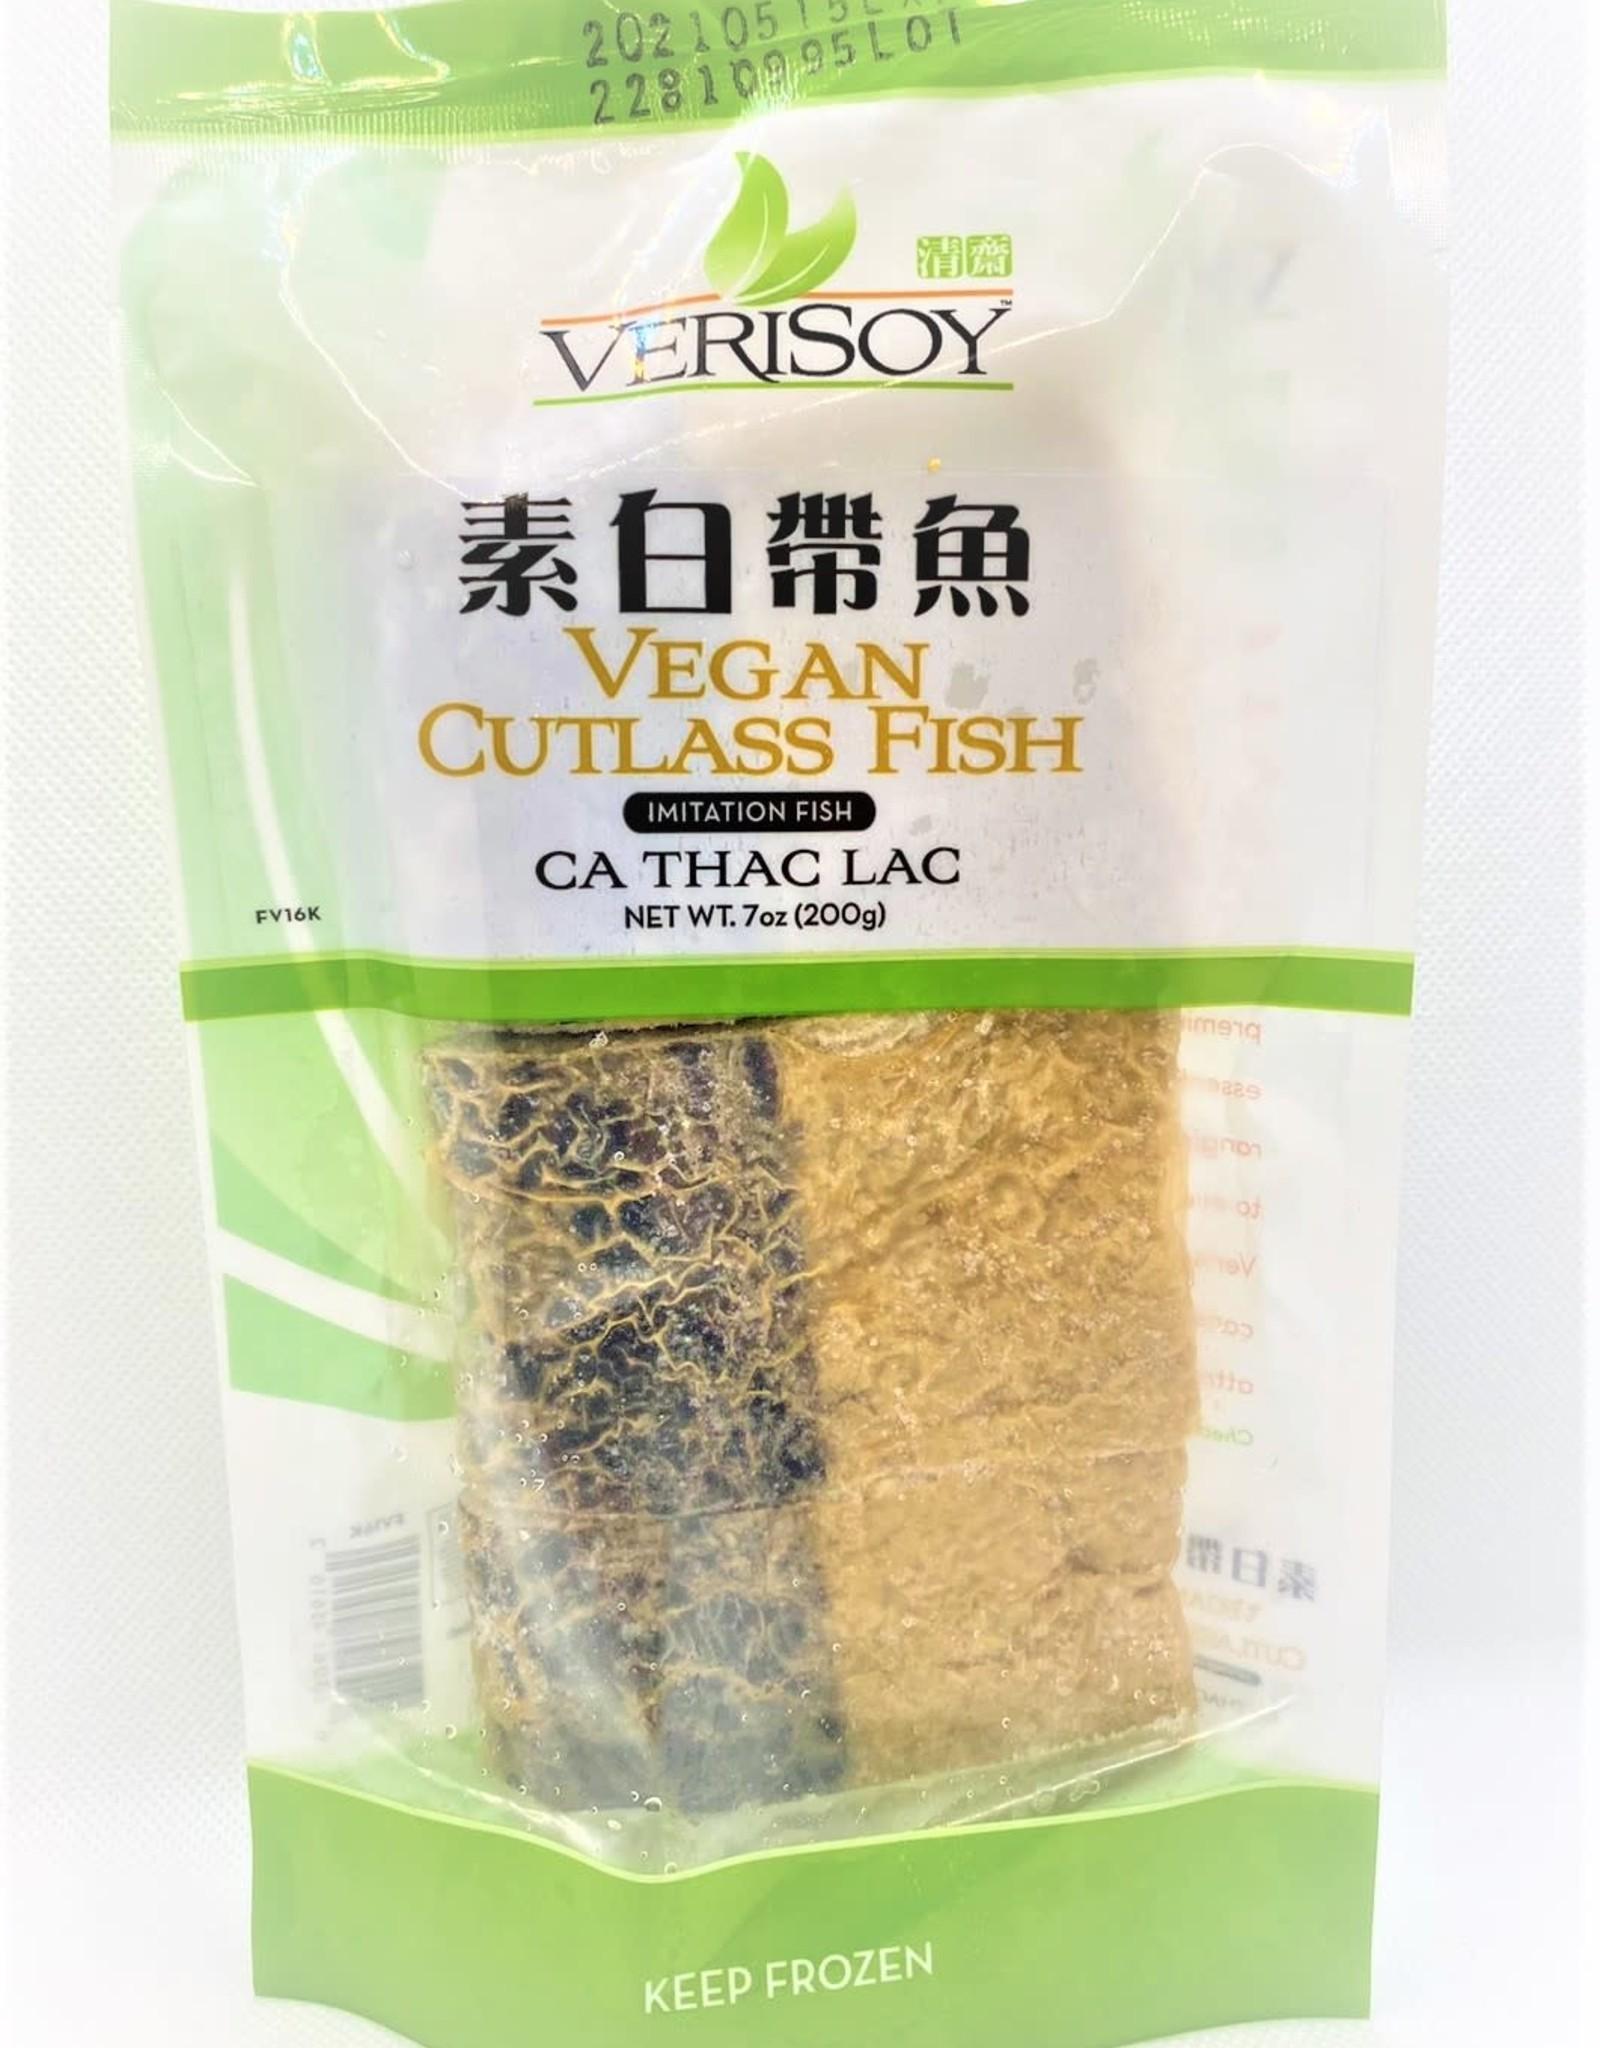 Vege USA * 美素 (VU) Vegan Cutlass Fish*(美素) 素白帶魚